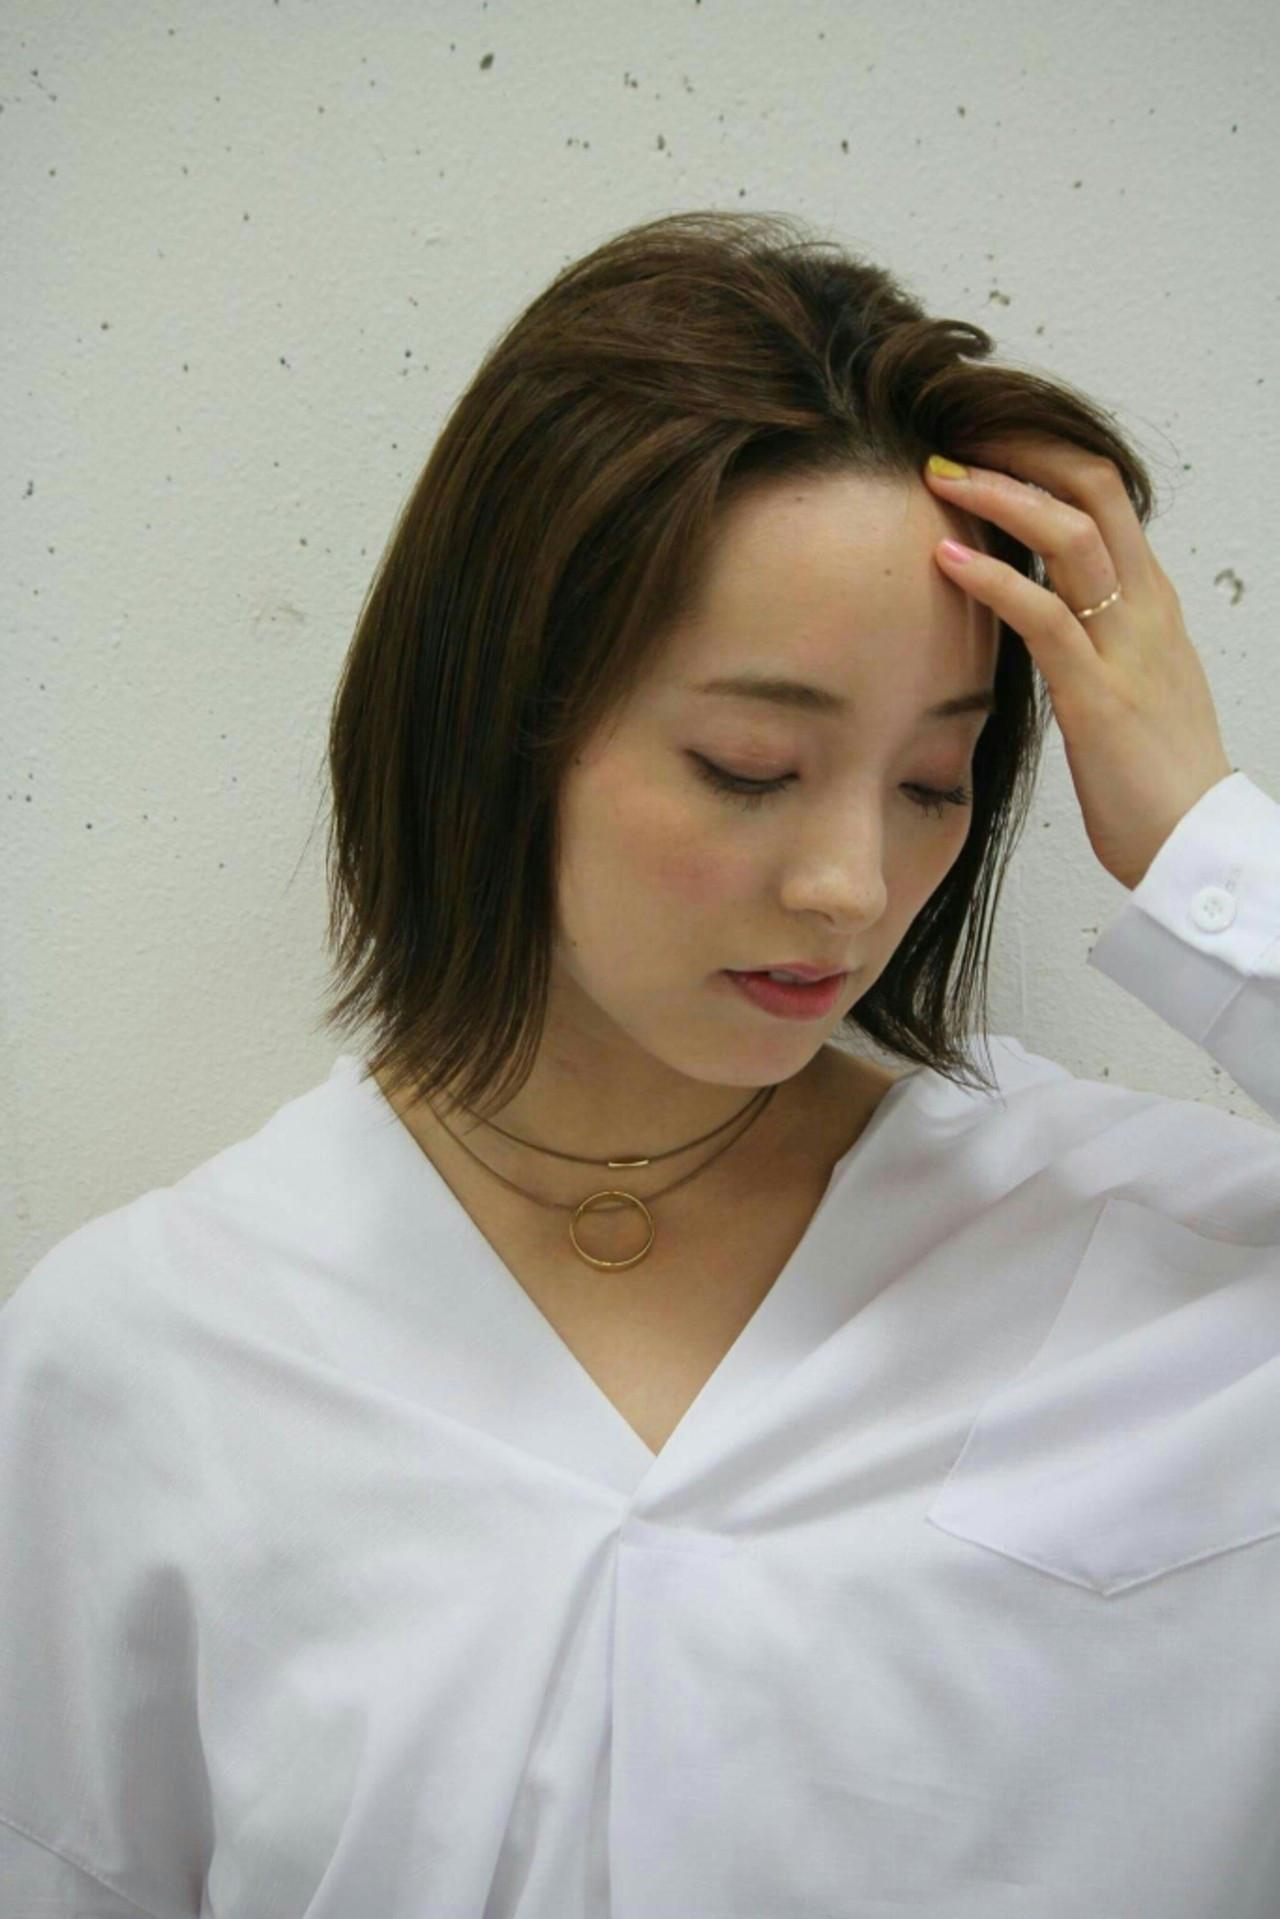 オデコだし、かきあげ前髪でハッピーオーラが全開!かきあげ前髪のつくり方 asuka